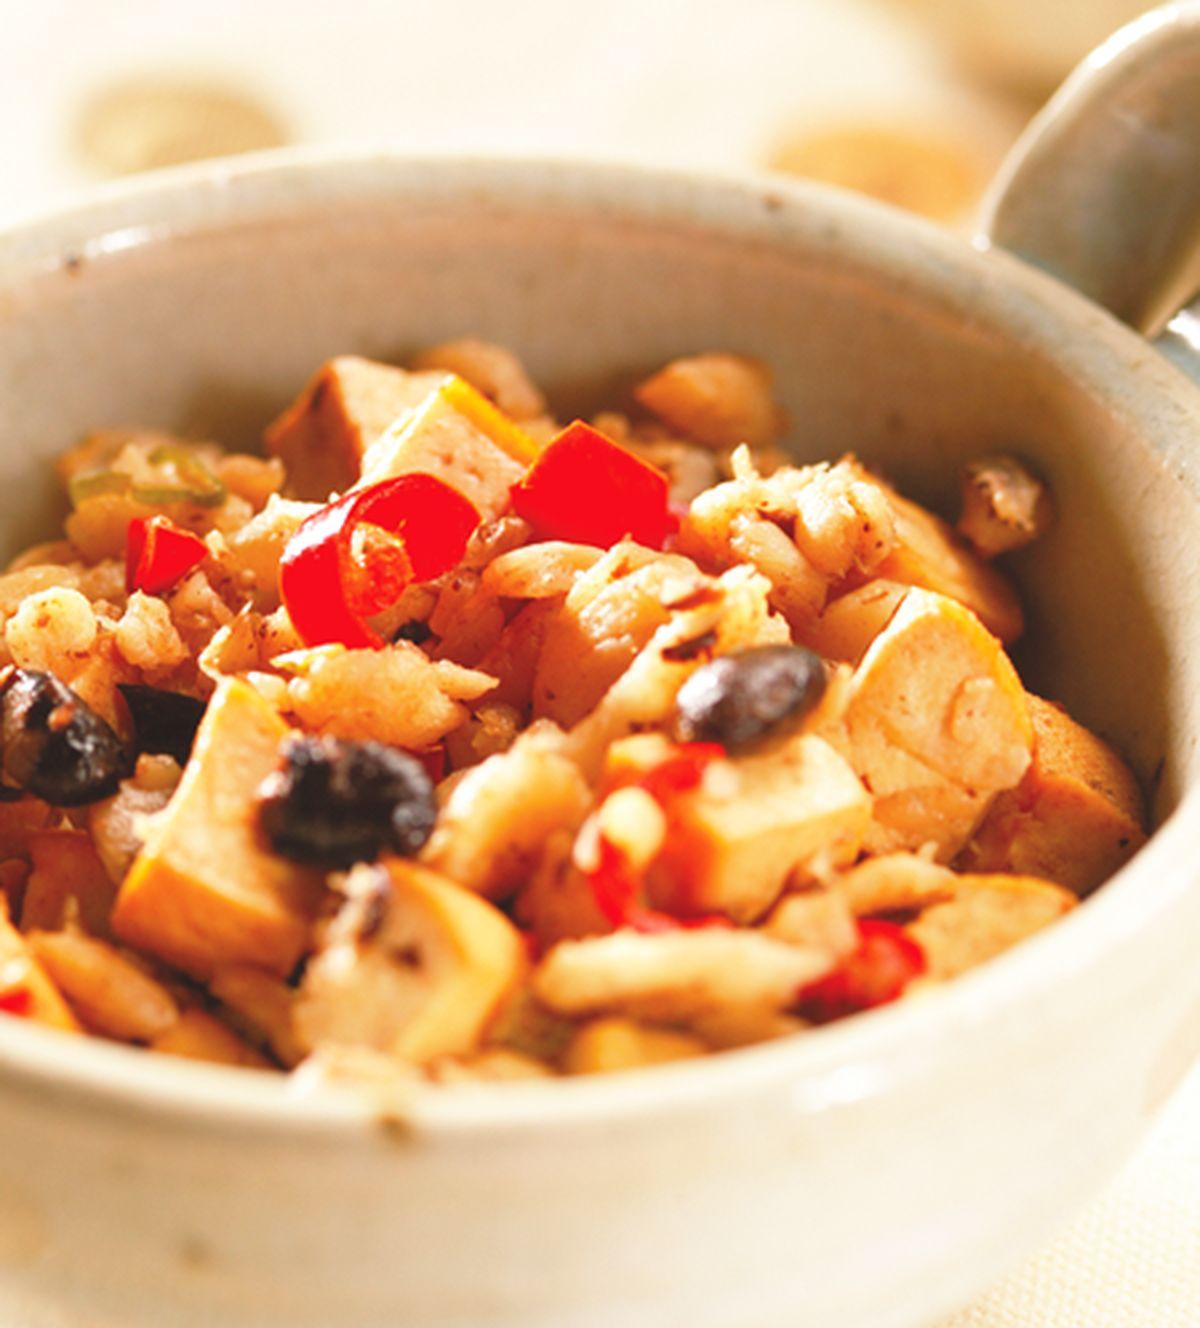 食譜:蘿蔔乾炒豆干